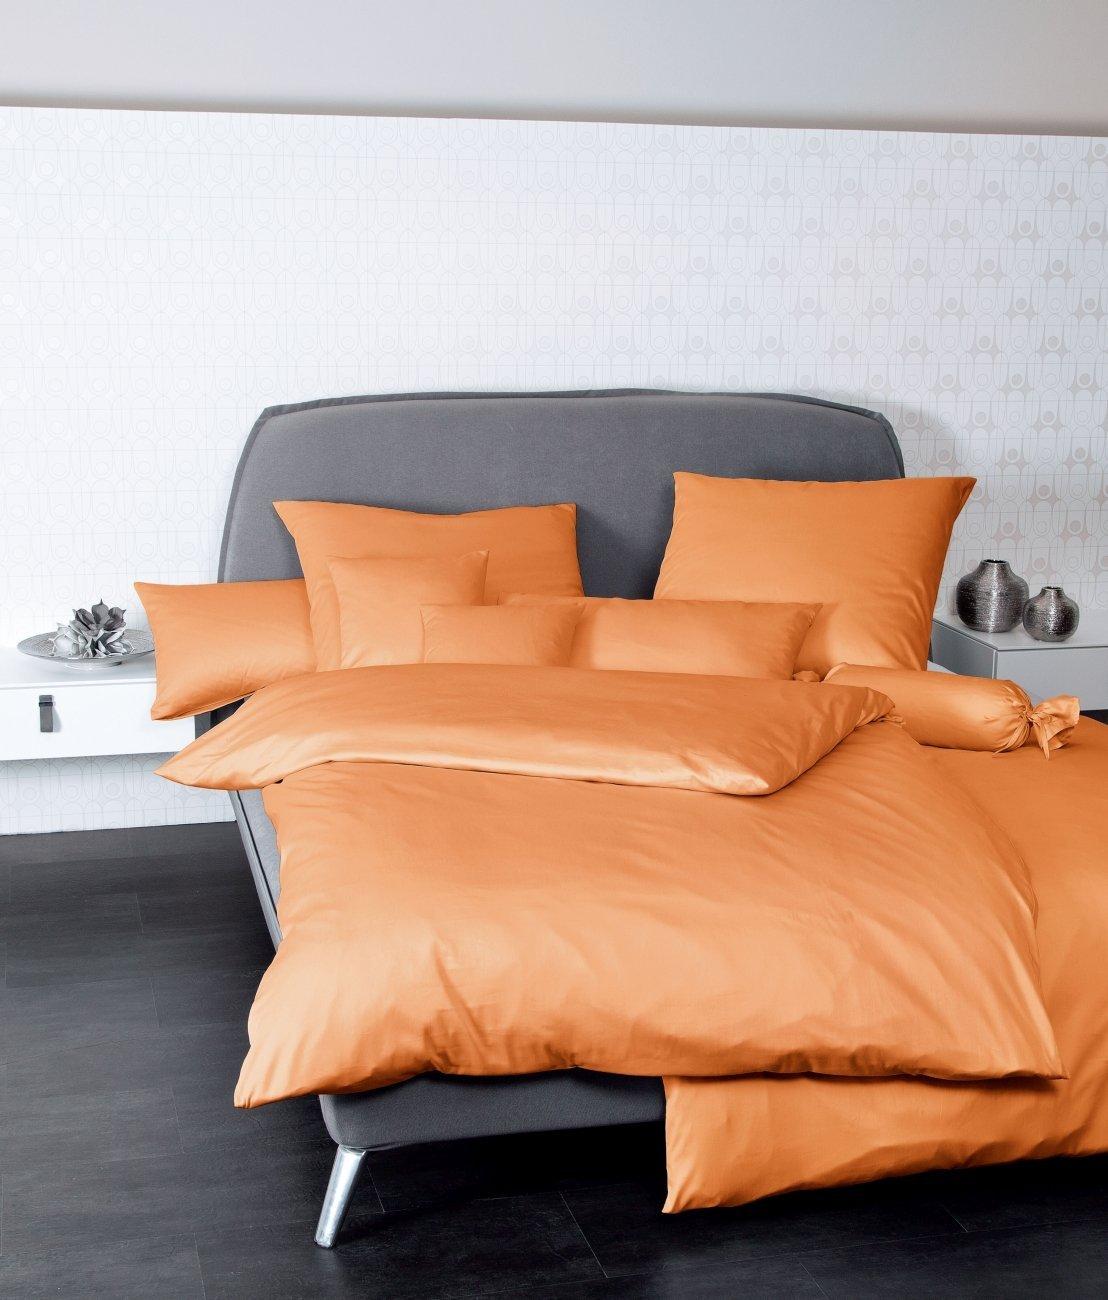 Janine Kissenbezug 40x80 UNI 100% BW Mako-Satin 31001-54 orange